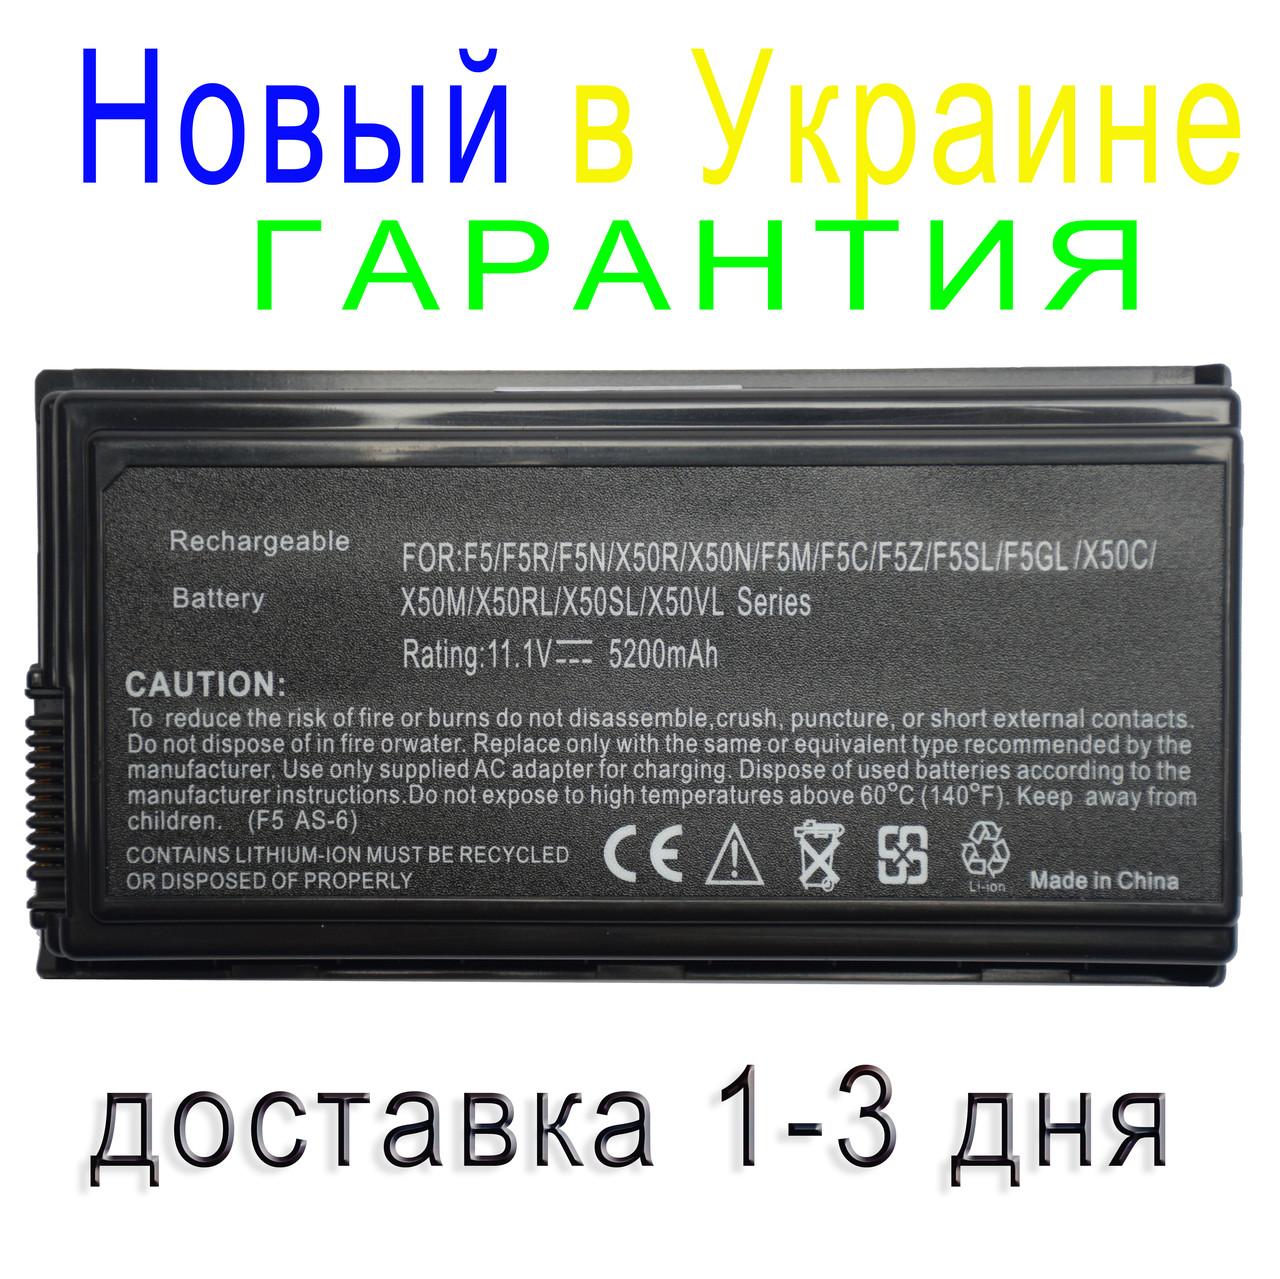 Аккумулятор батарея ASUS A32-F5 70-NLF1B2000Z 70-NLF1B2000Y 90-NLF1B2000Z 90-NLF1B2000Y 90-NLF1B2000 AU-F5